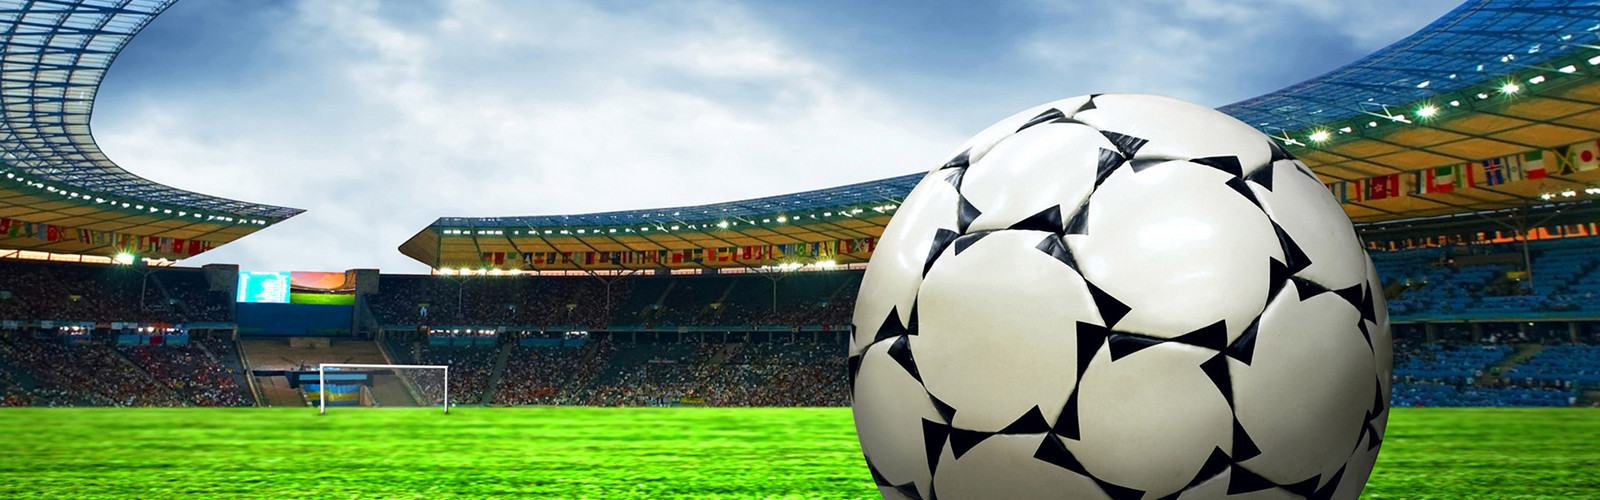 Instagram e Serie A: statistiche ed utilizzo del photosharing nel campionato di calcio italiano